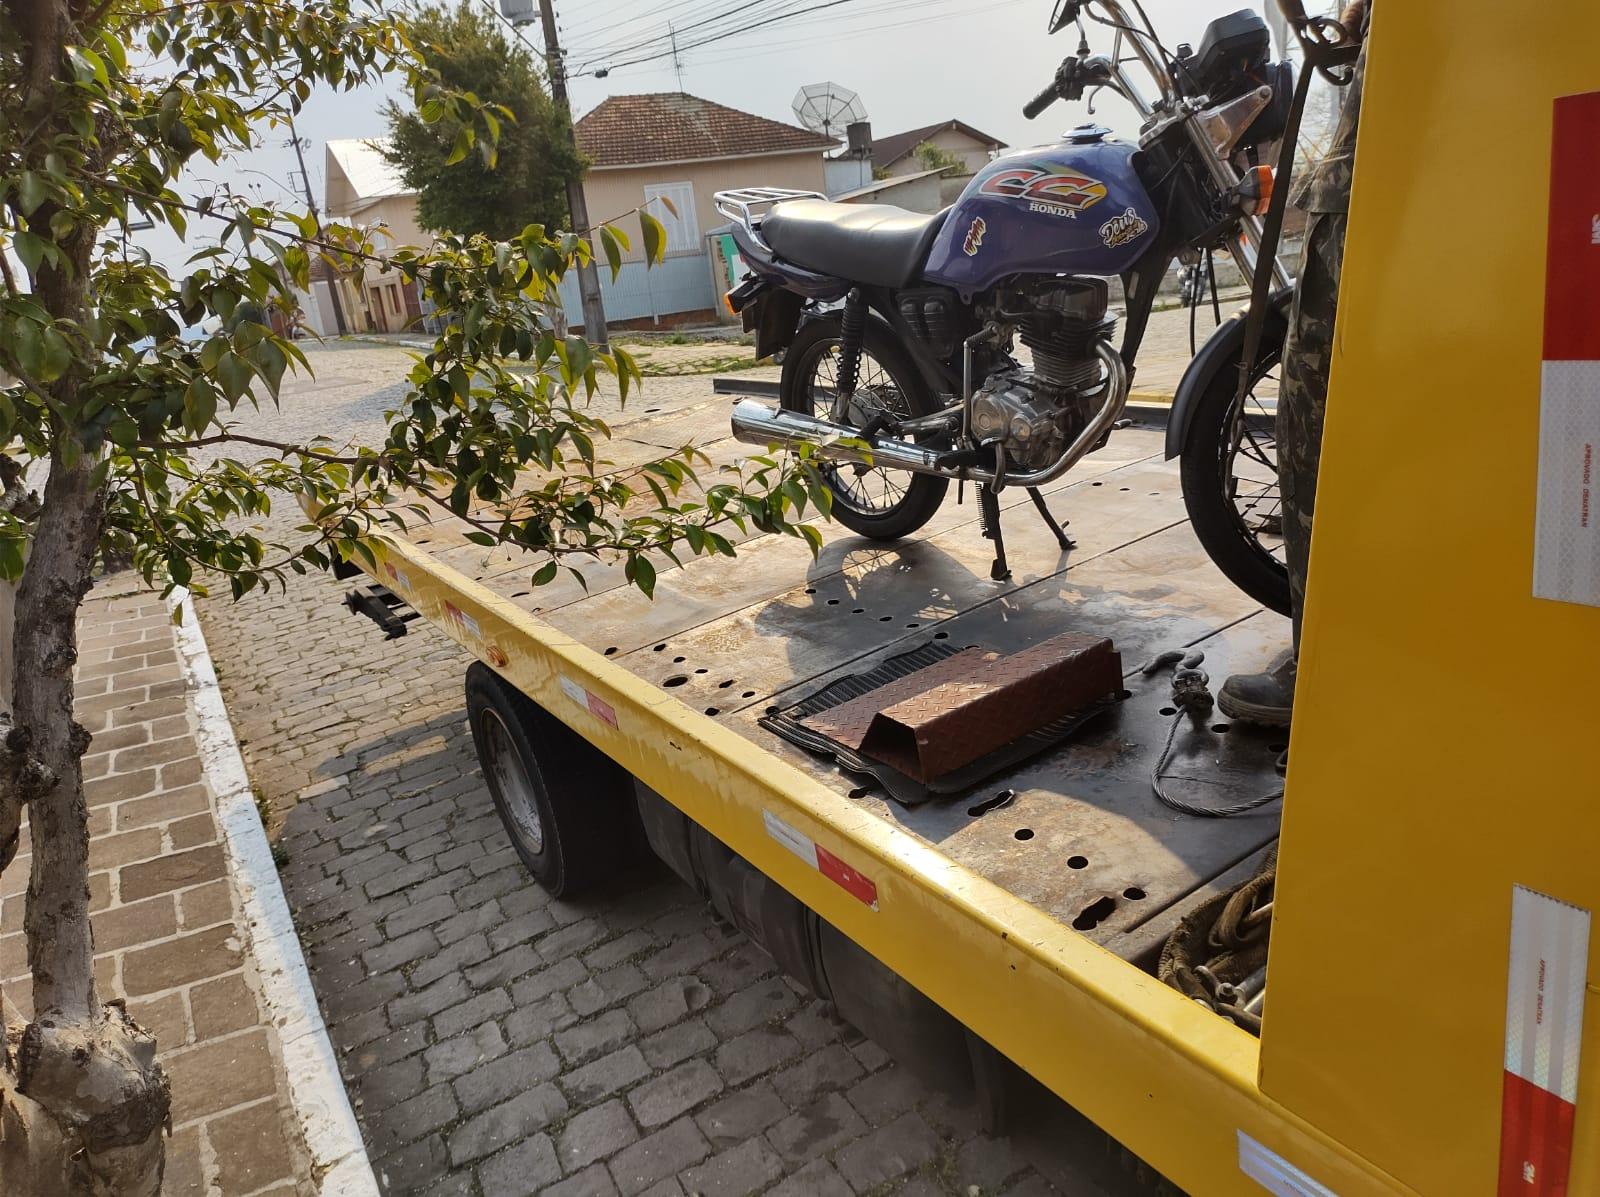 Guarda Civil Municipal recolhe motocicleta com mais de R$ 7 mil em multas em Bento